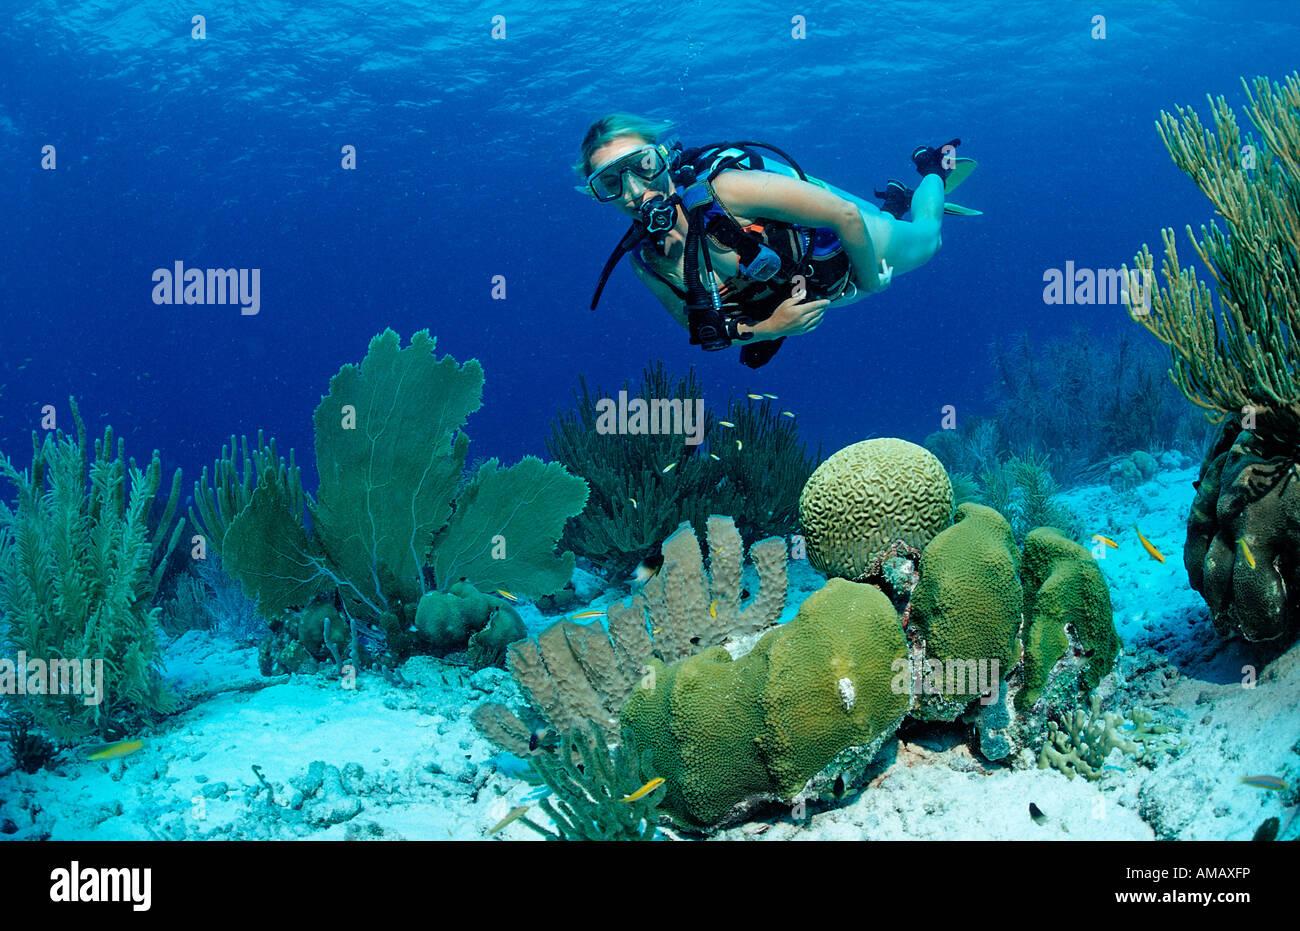 Scuba Diver e barriera corallina Antille Olandesi Bonaire Mar dei Caraibi Immagini Stock